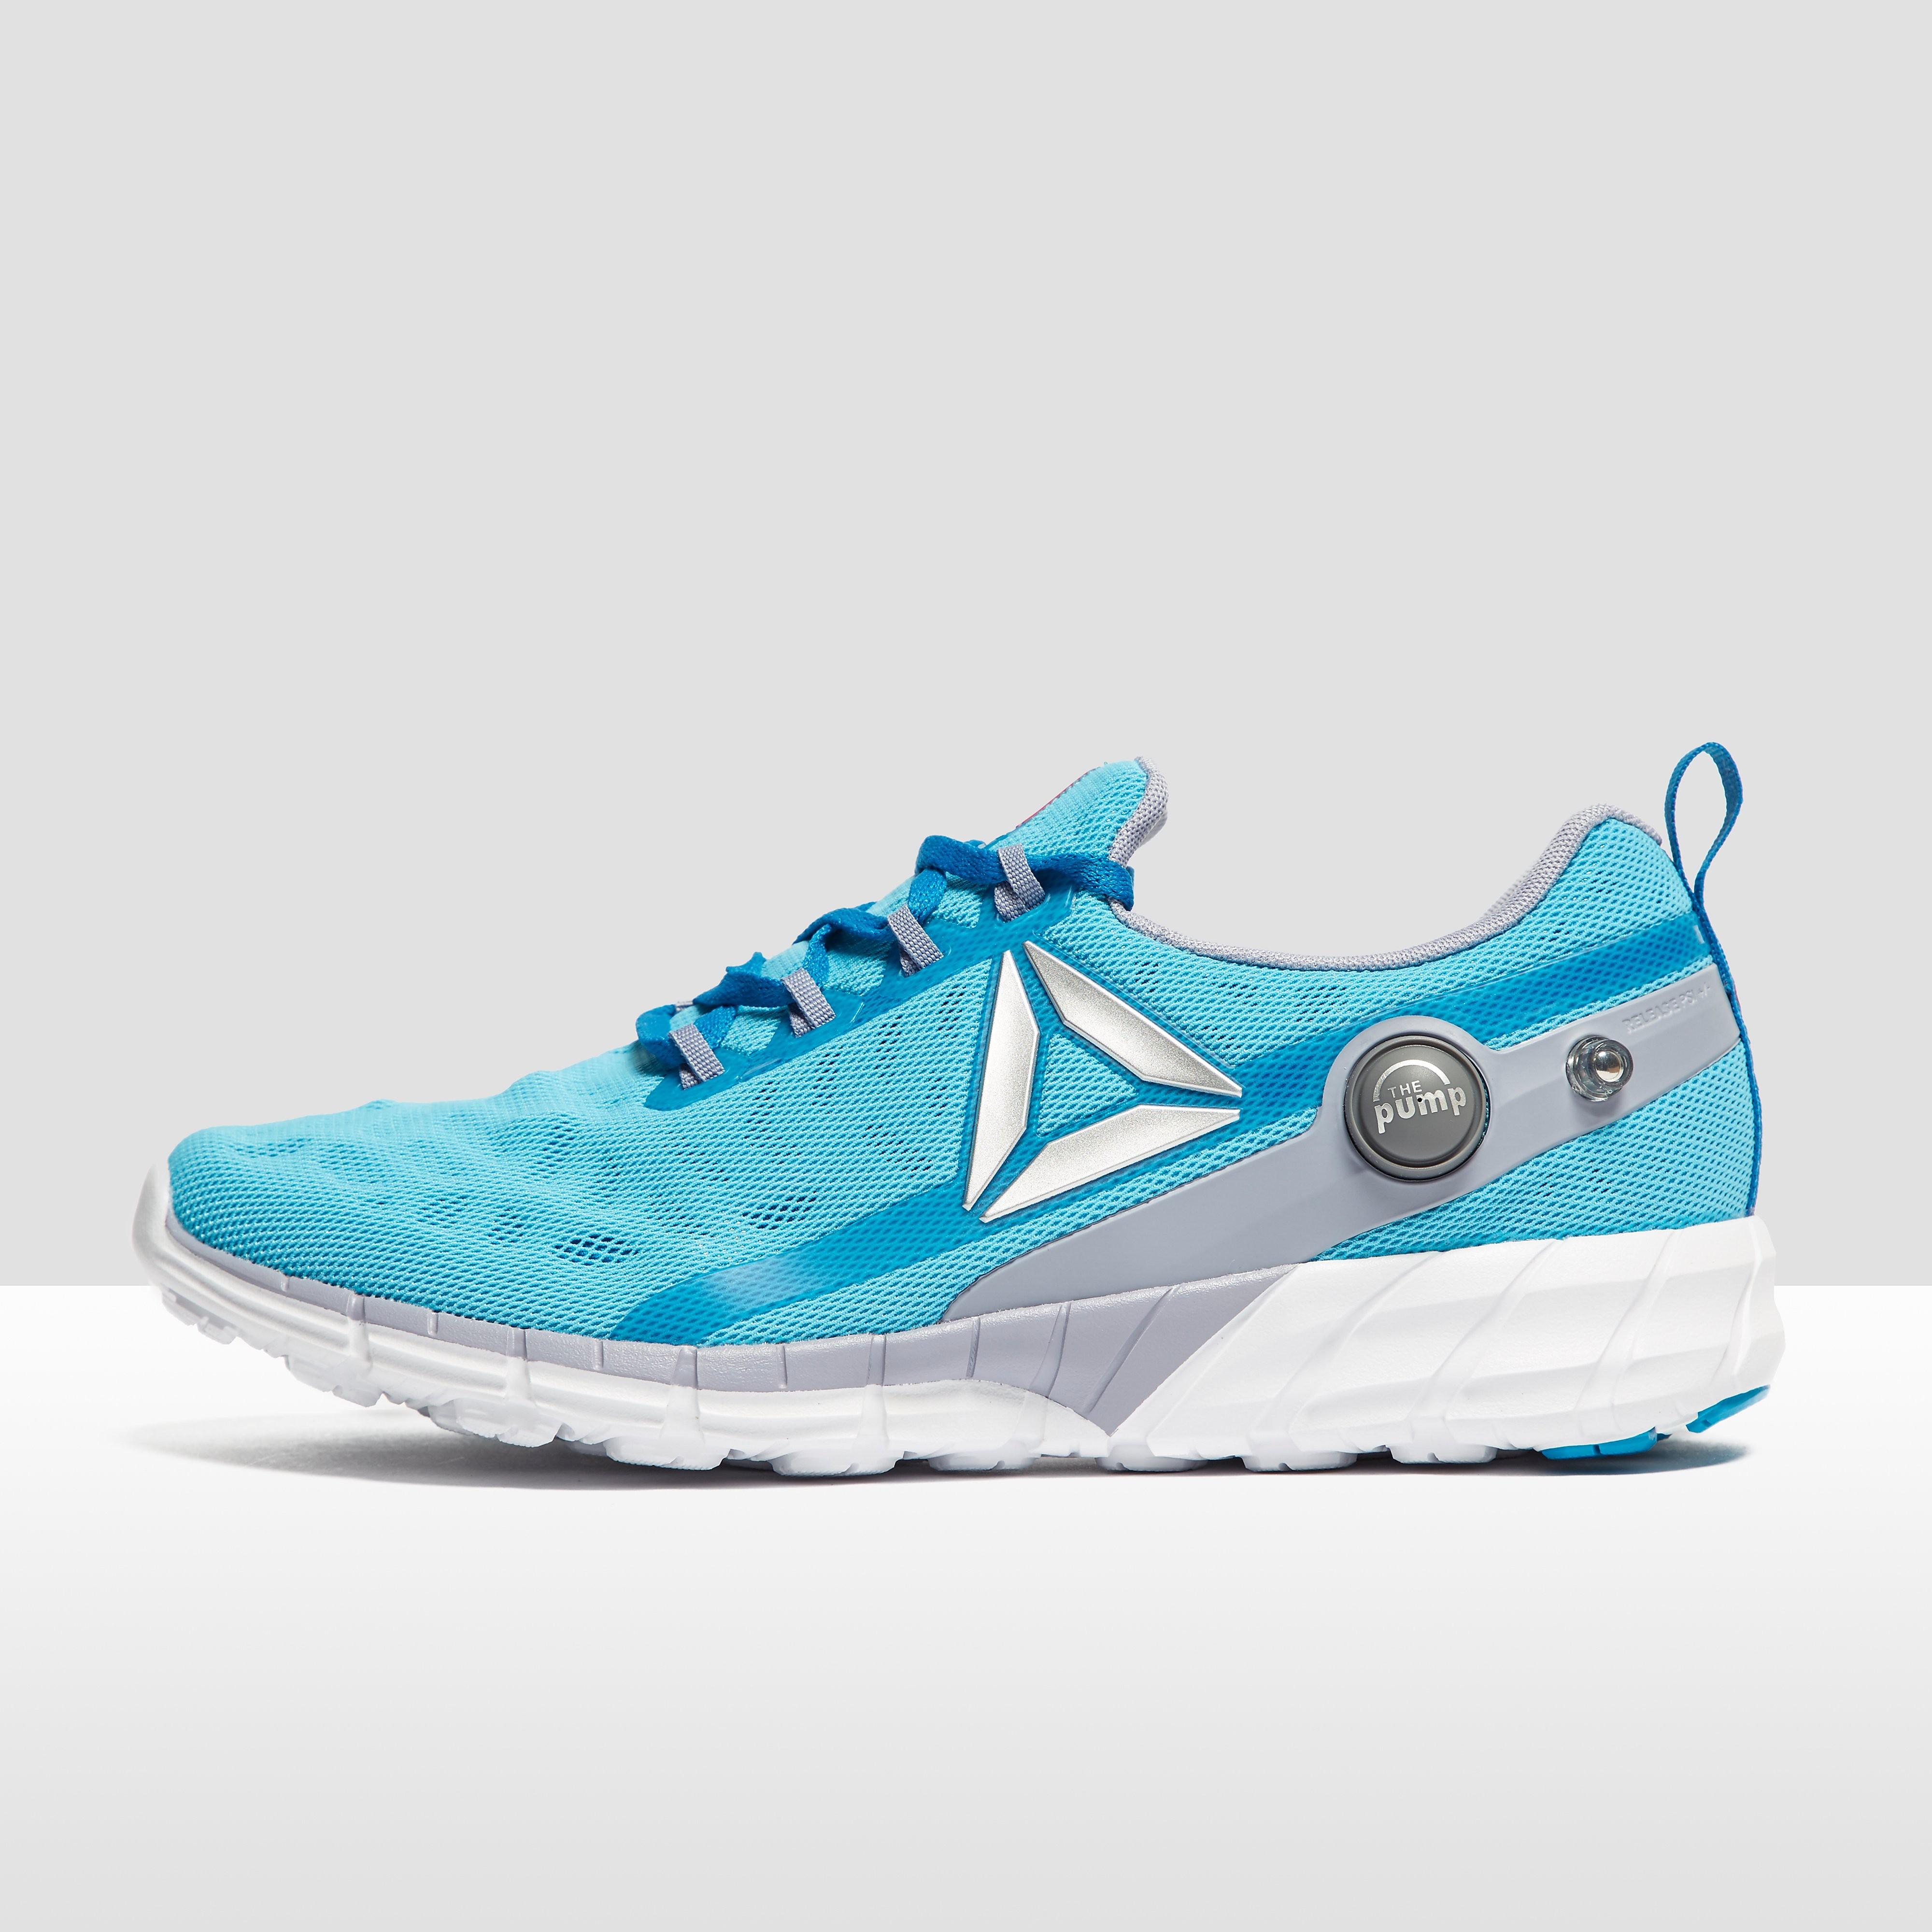 Reebok Women's Training Shoe